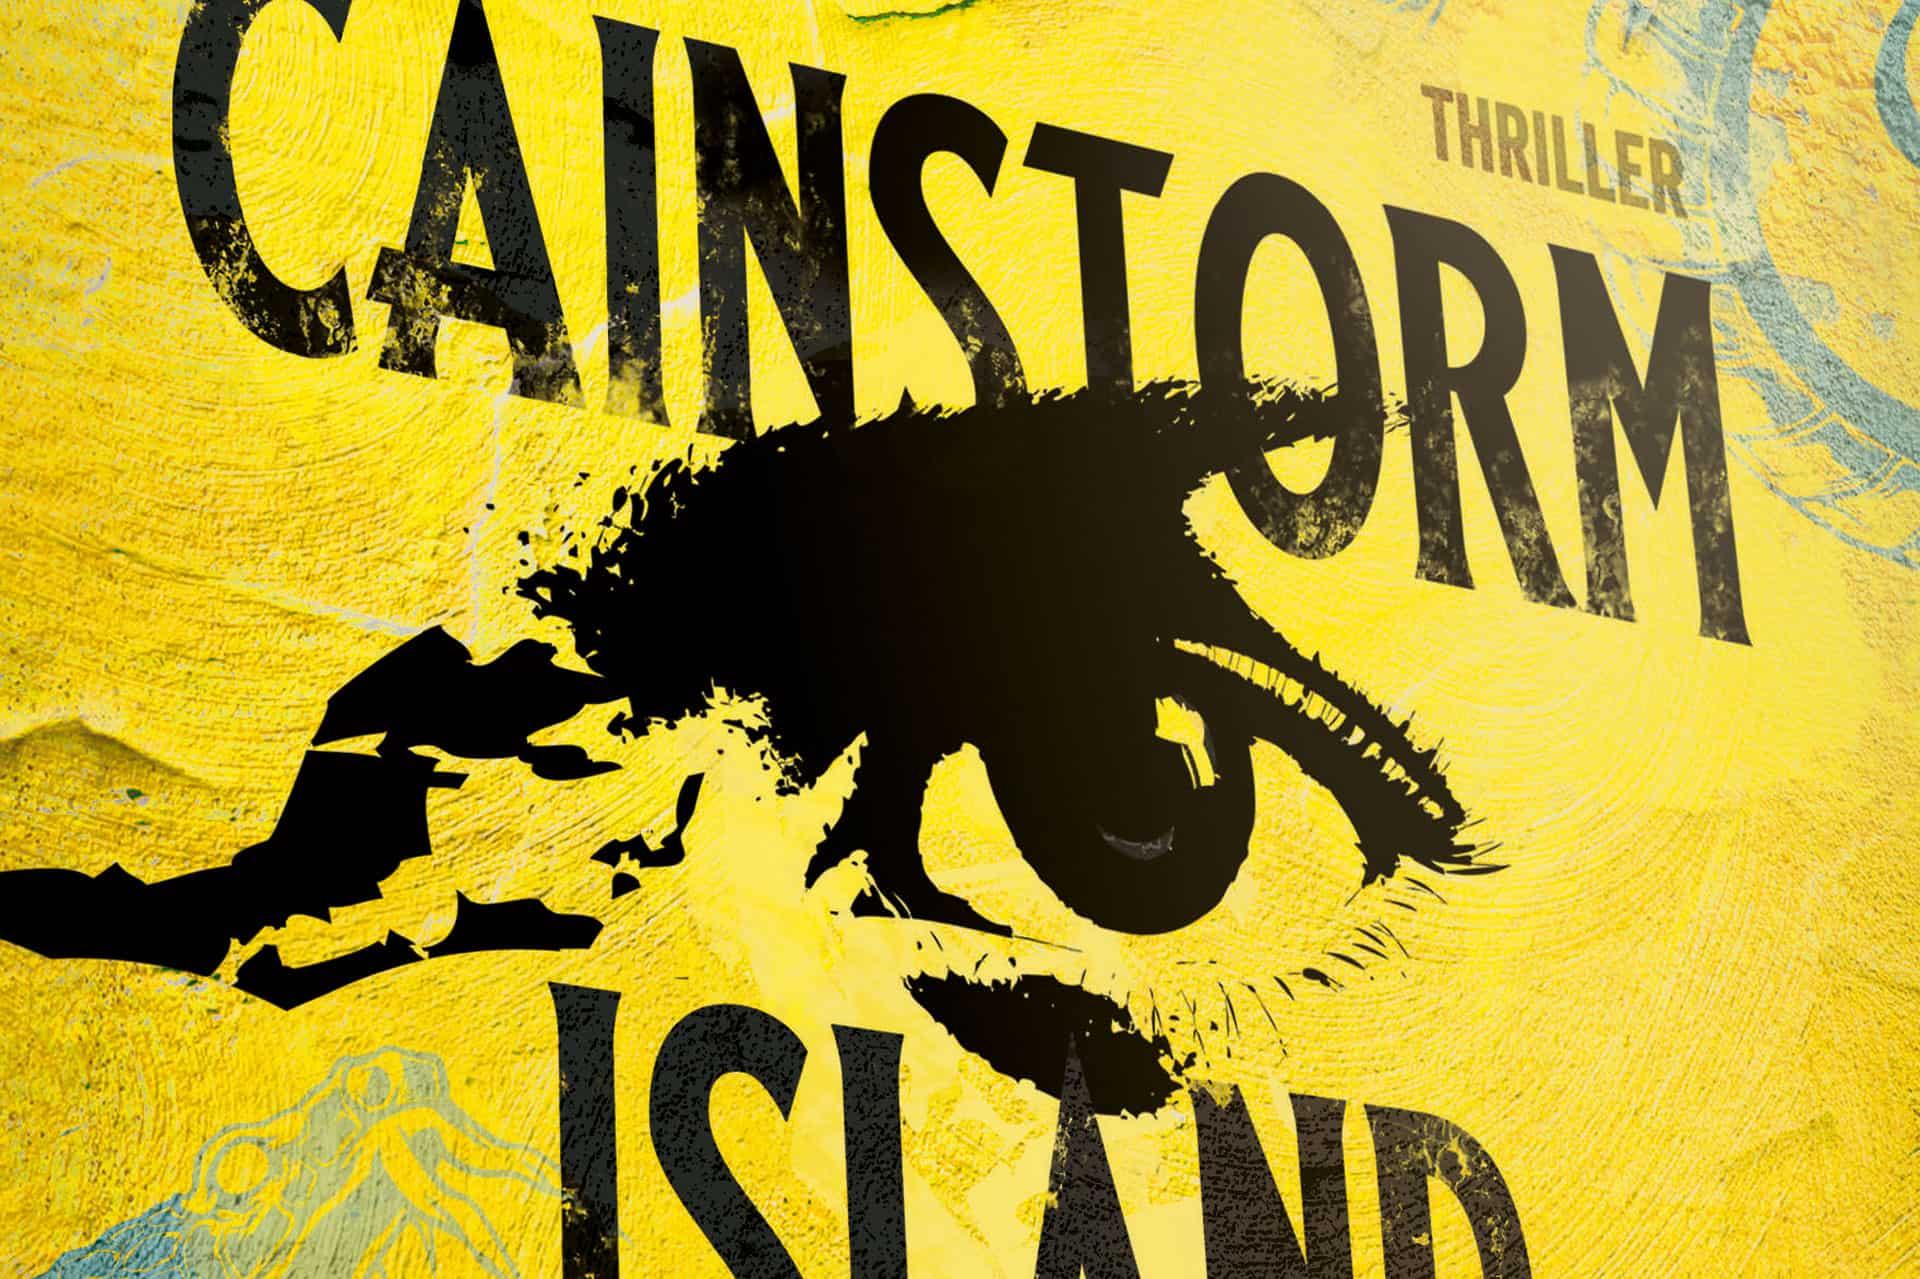 Ausschnitt des Covers von Cainstorm Island